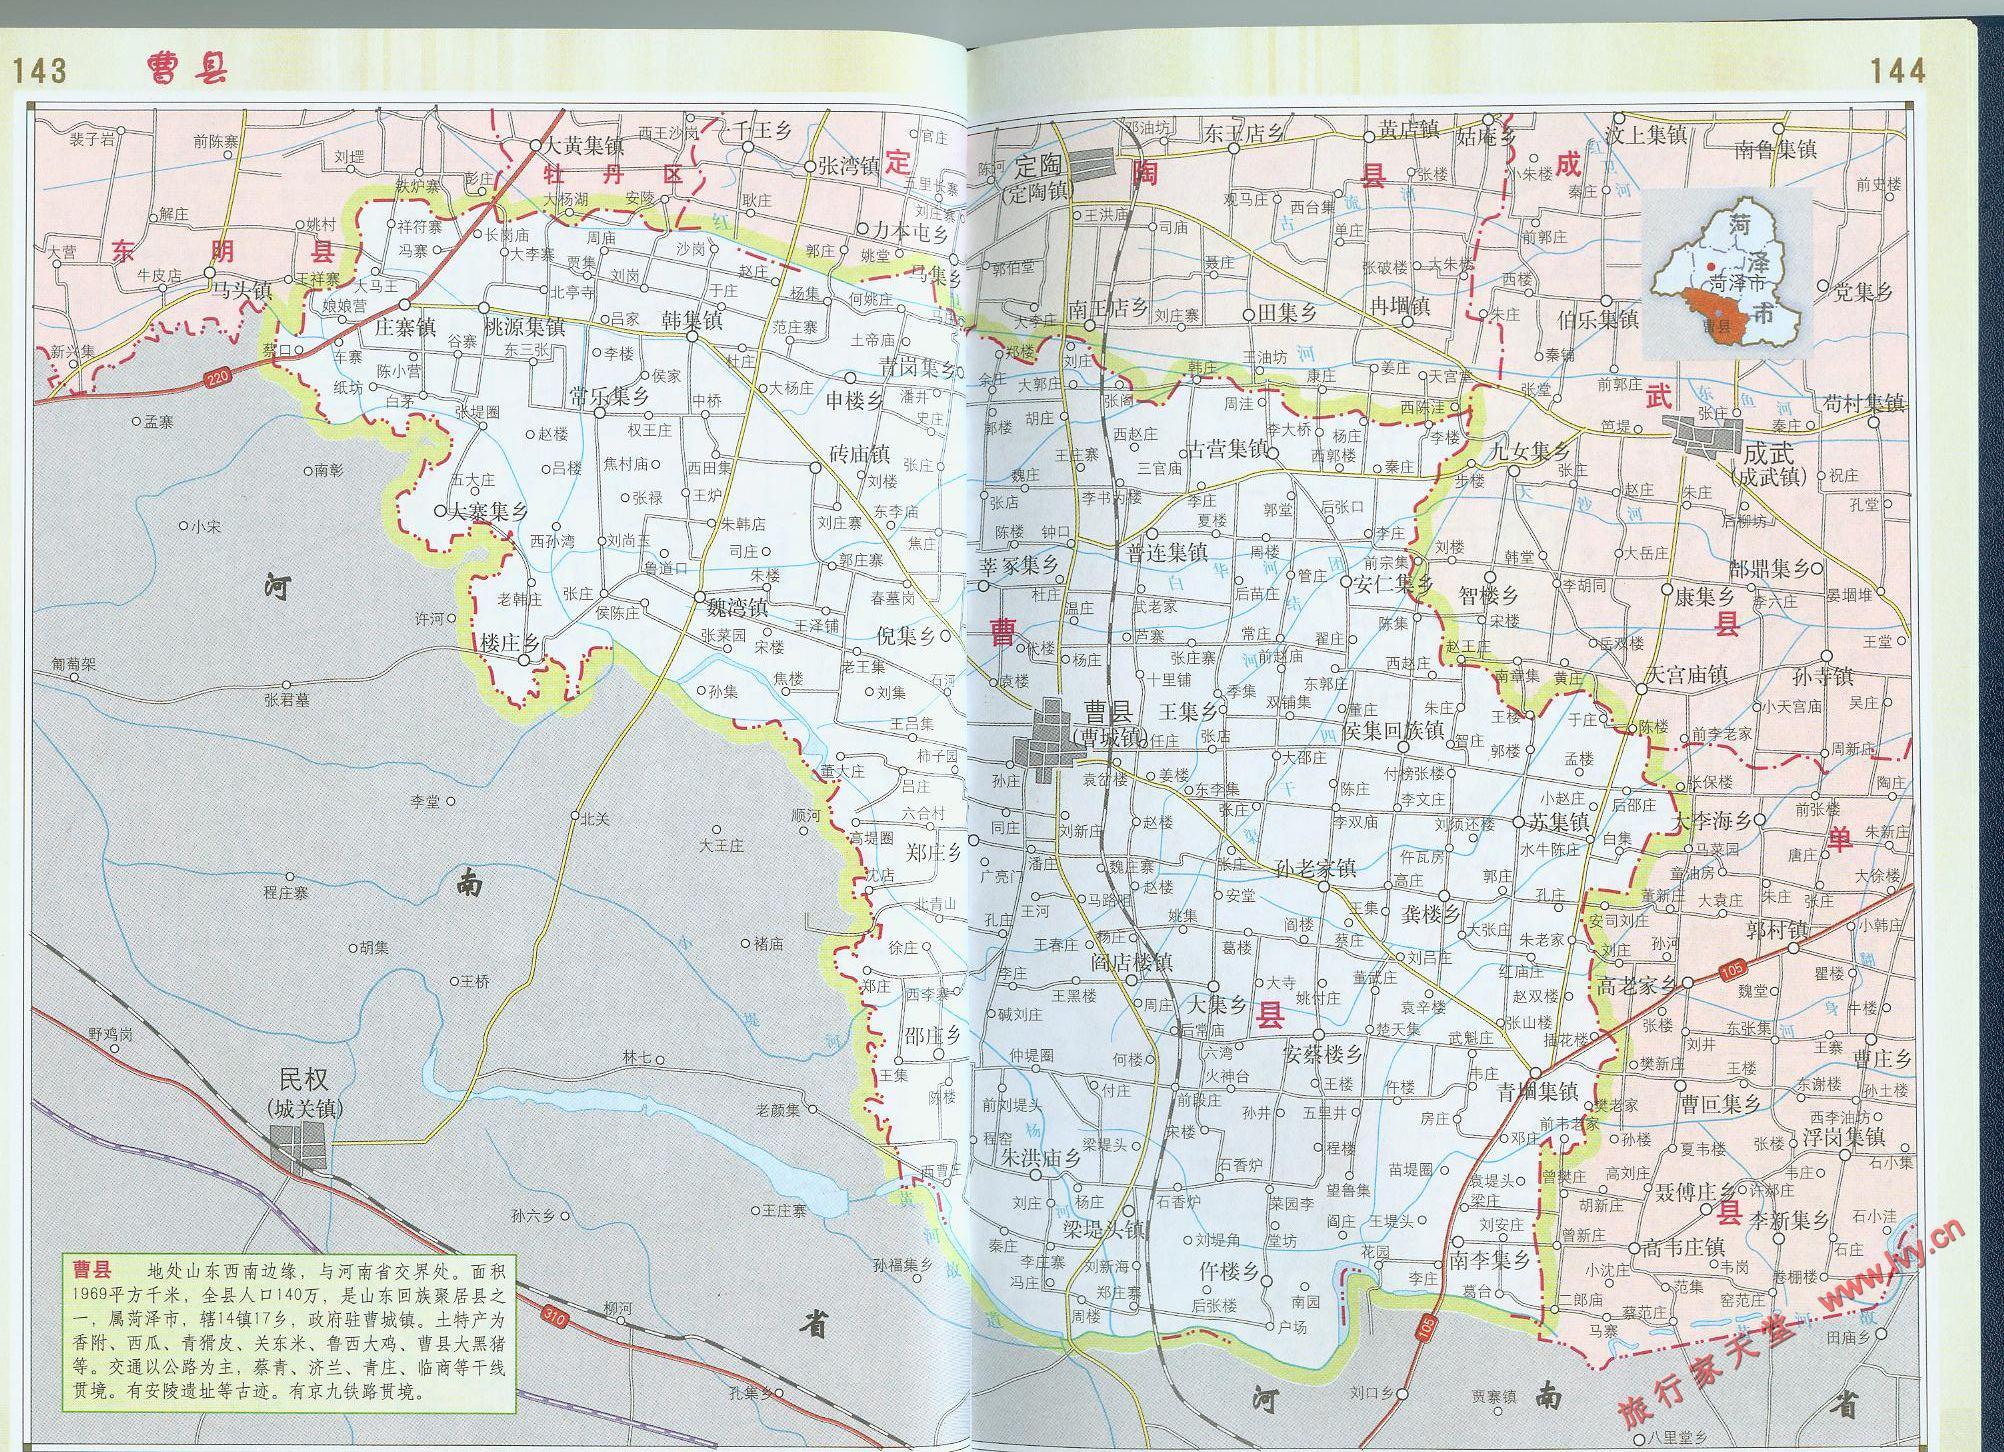 中国山东青岛地图 中国山东地图查询 中国山东省地图全图 中国山东旅